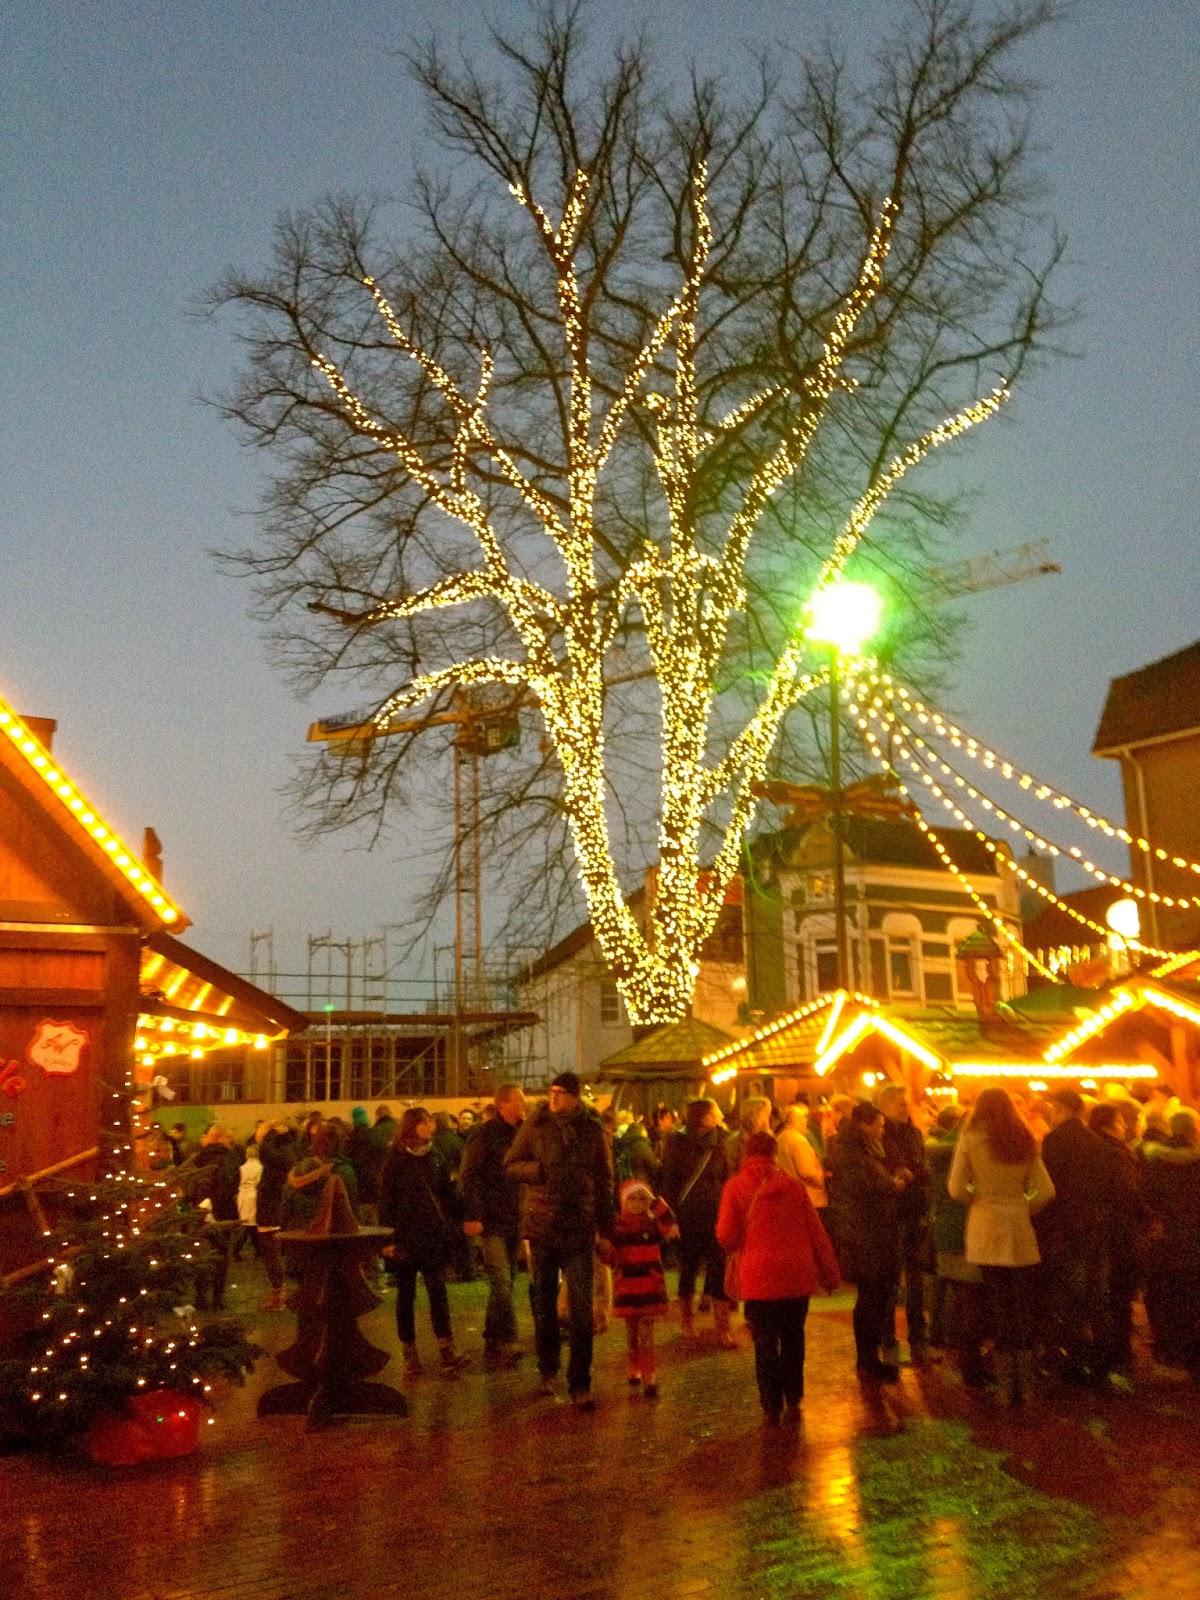 Groningen Weihnachtsmarkt.Weihnachtsmarkt 2013 In Leer Ostfriesland Photoblog On The Go